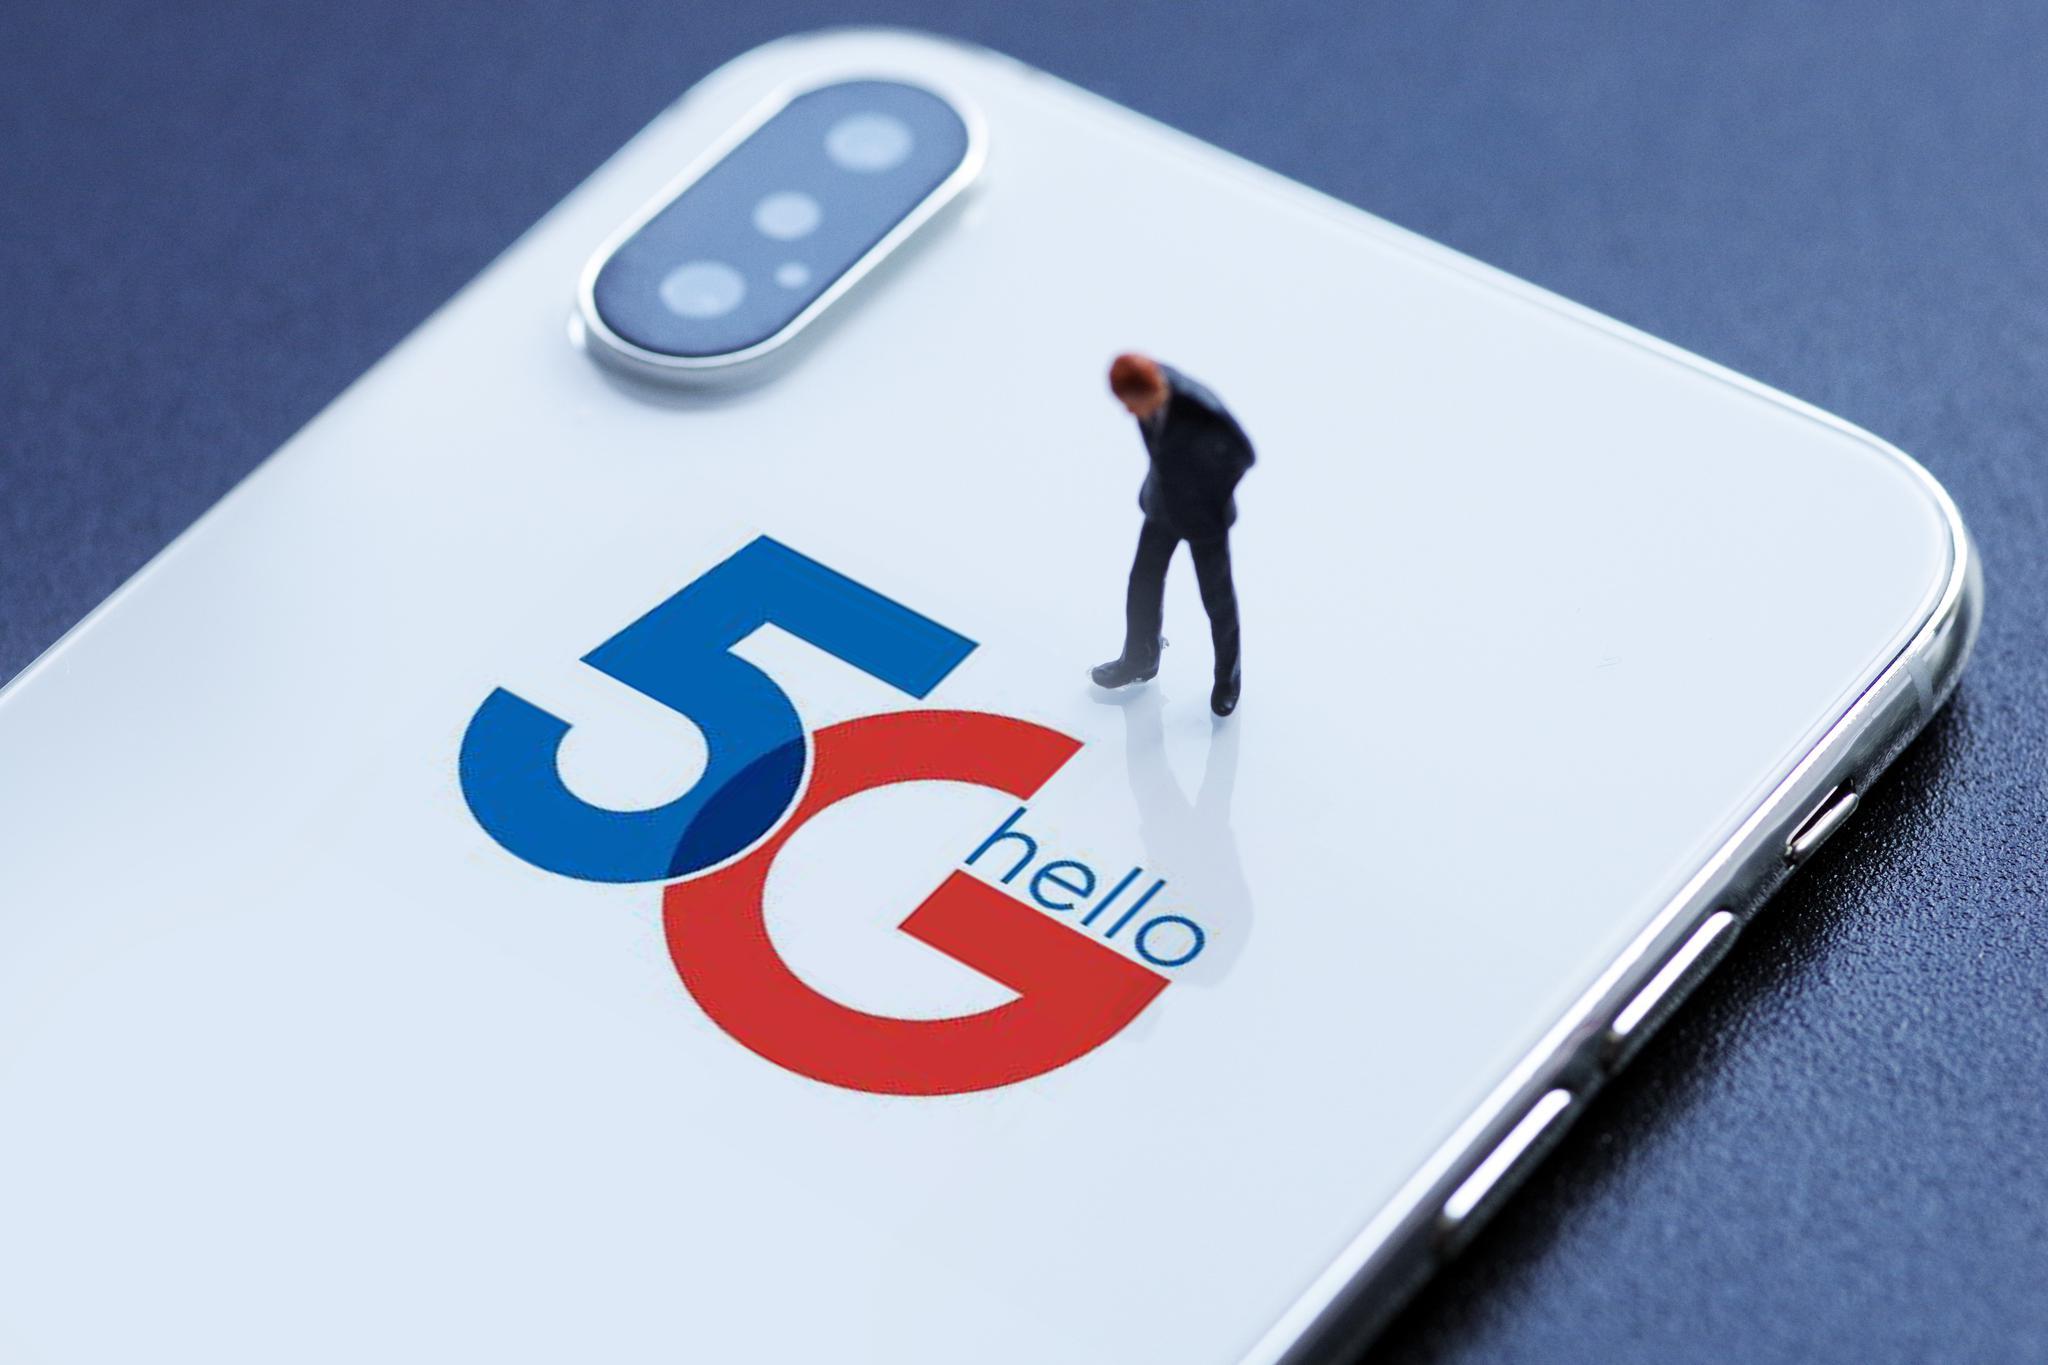 中国电信称5G用户突破800万,2020年5G终端目标6000万